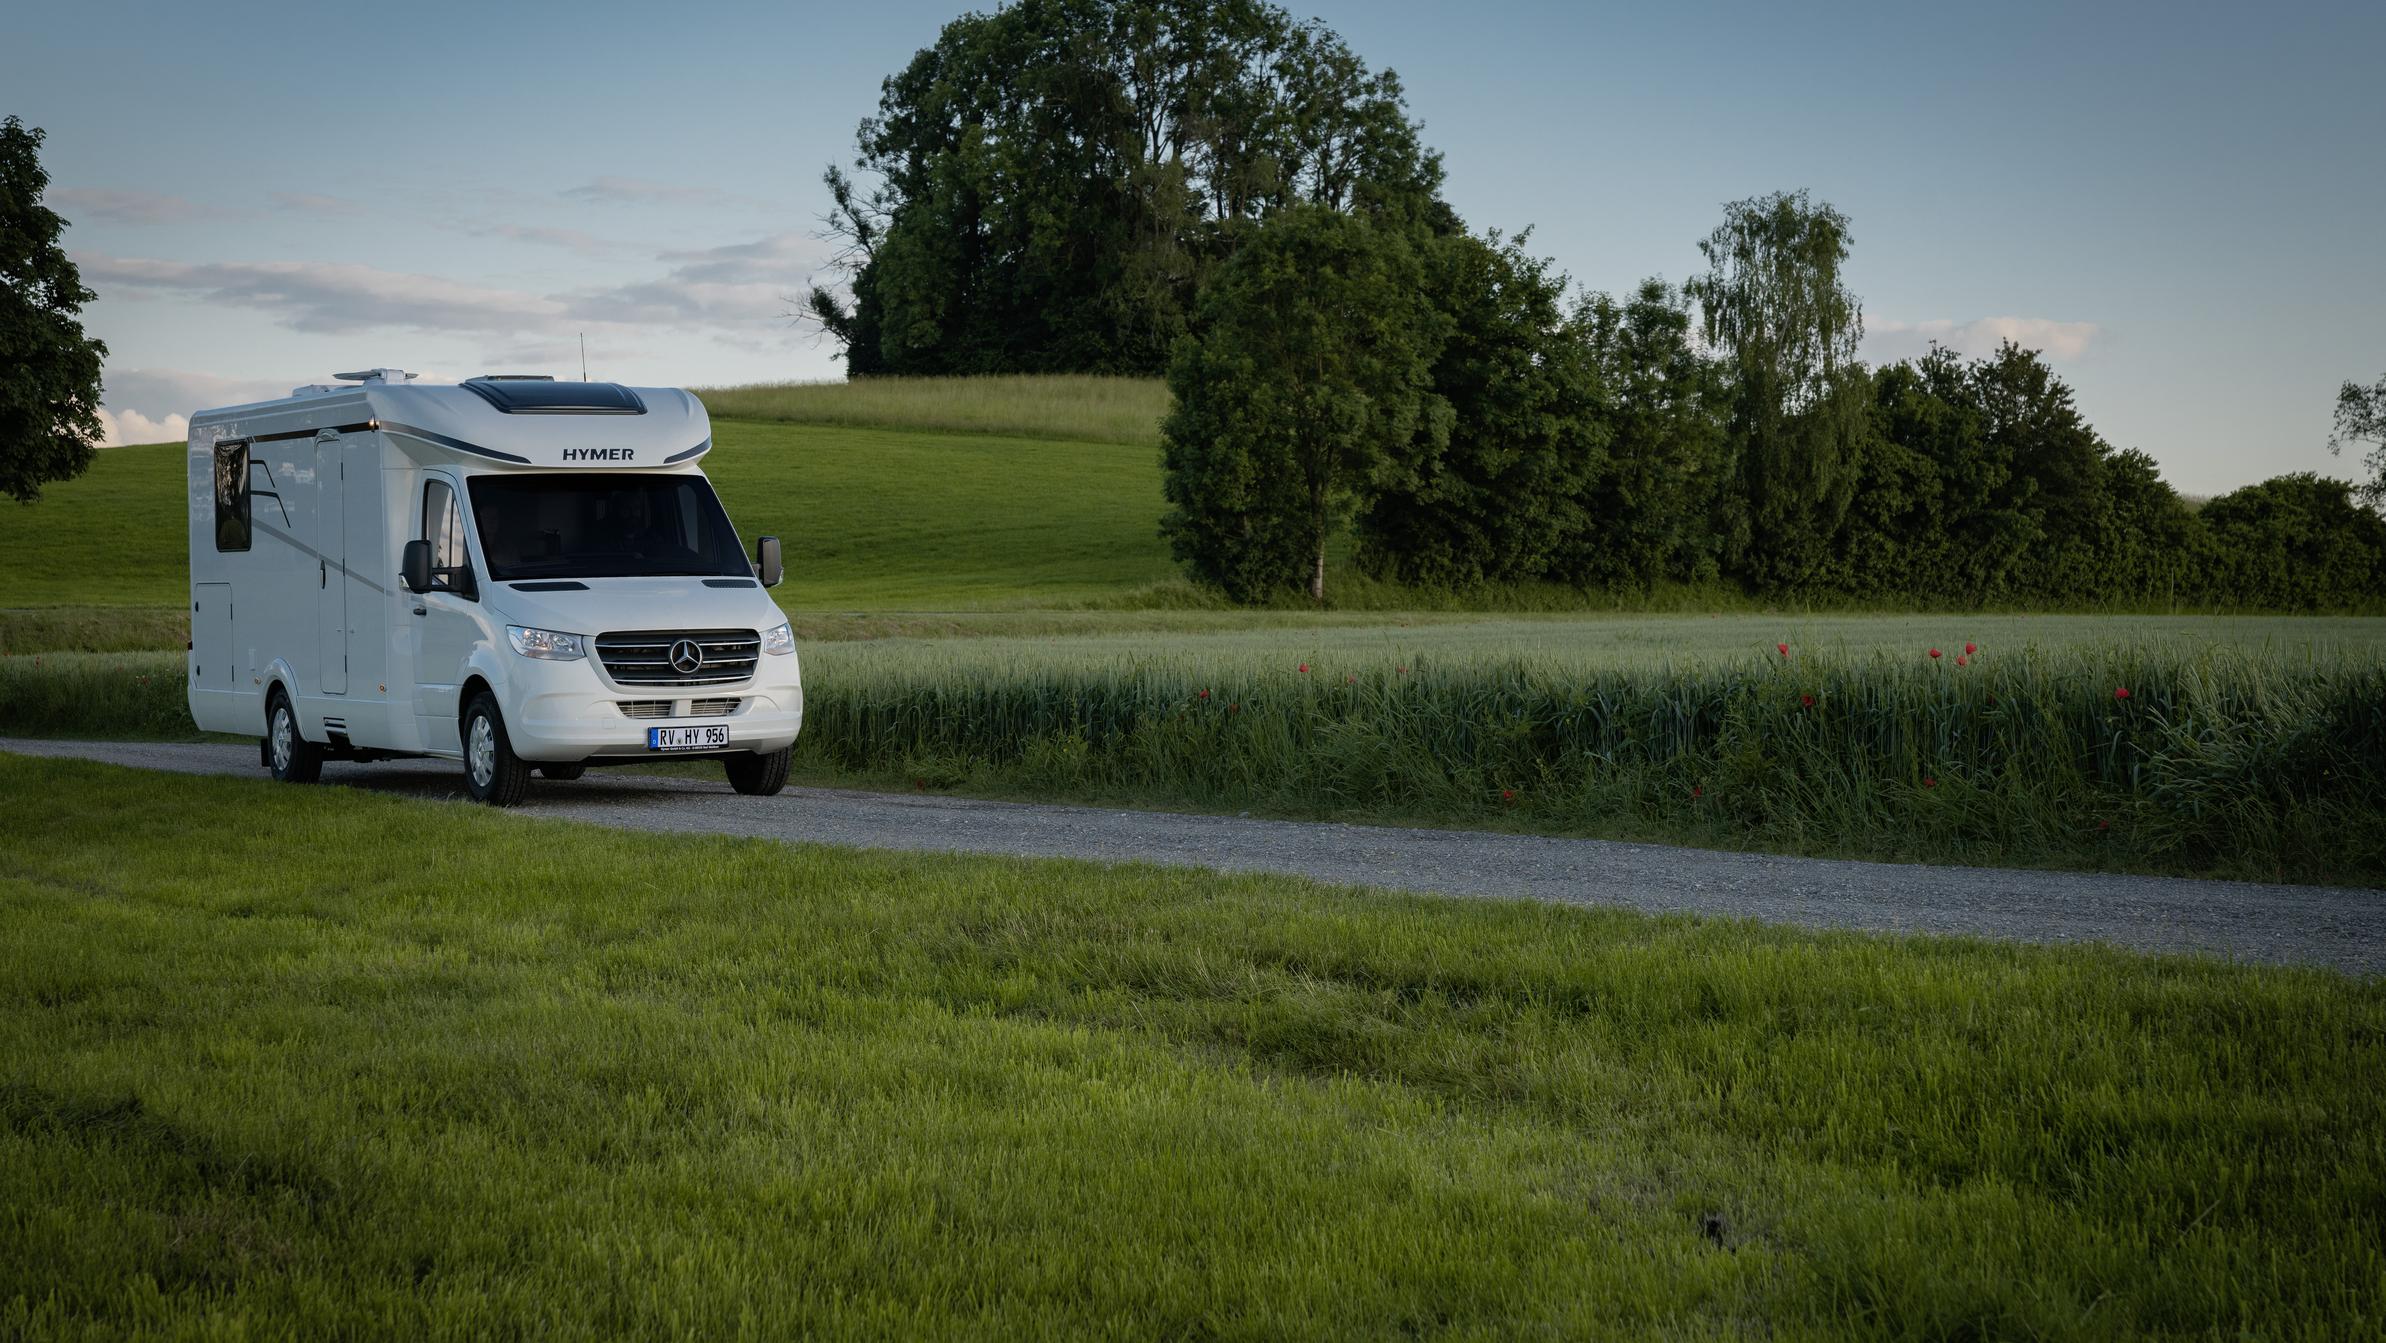 Cherche compagnon de voyage en camping-car